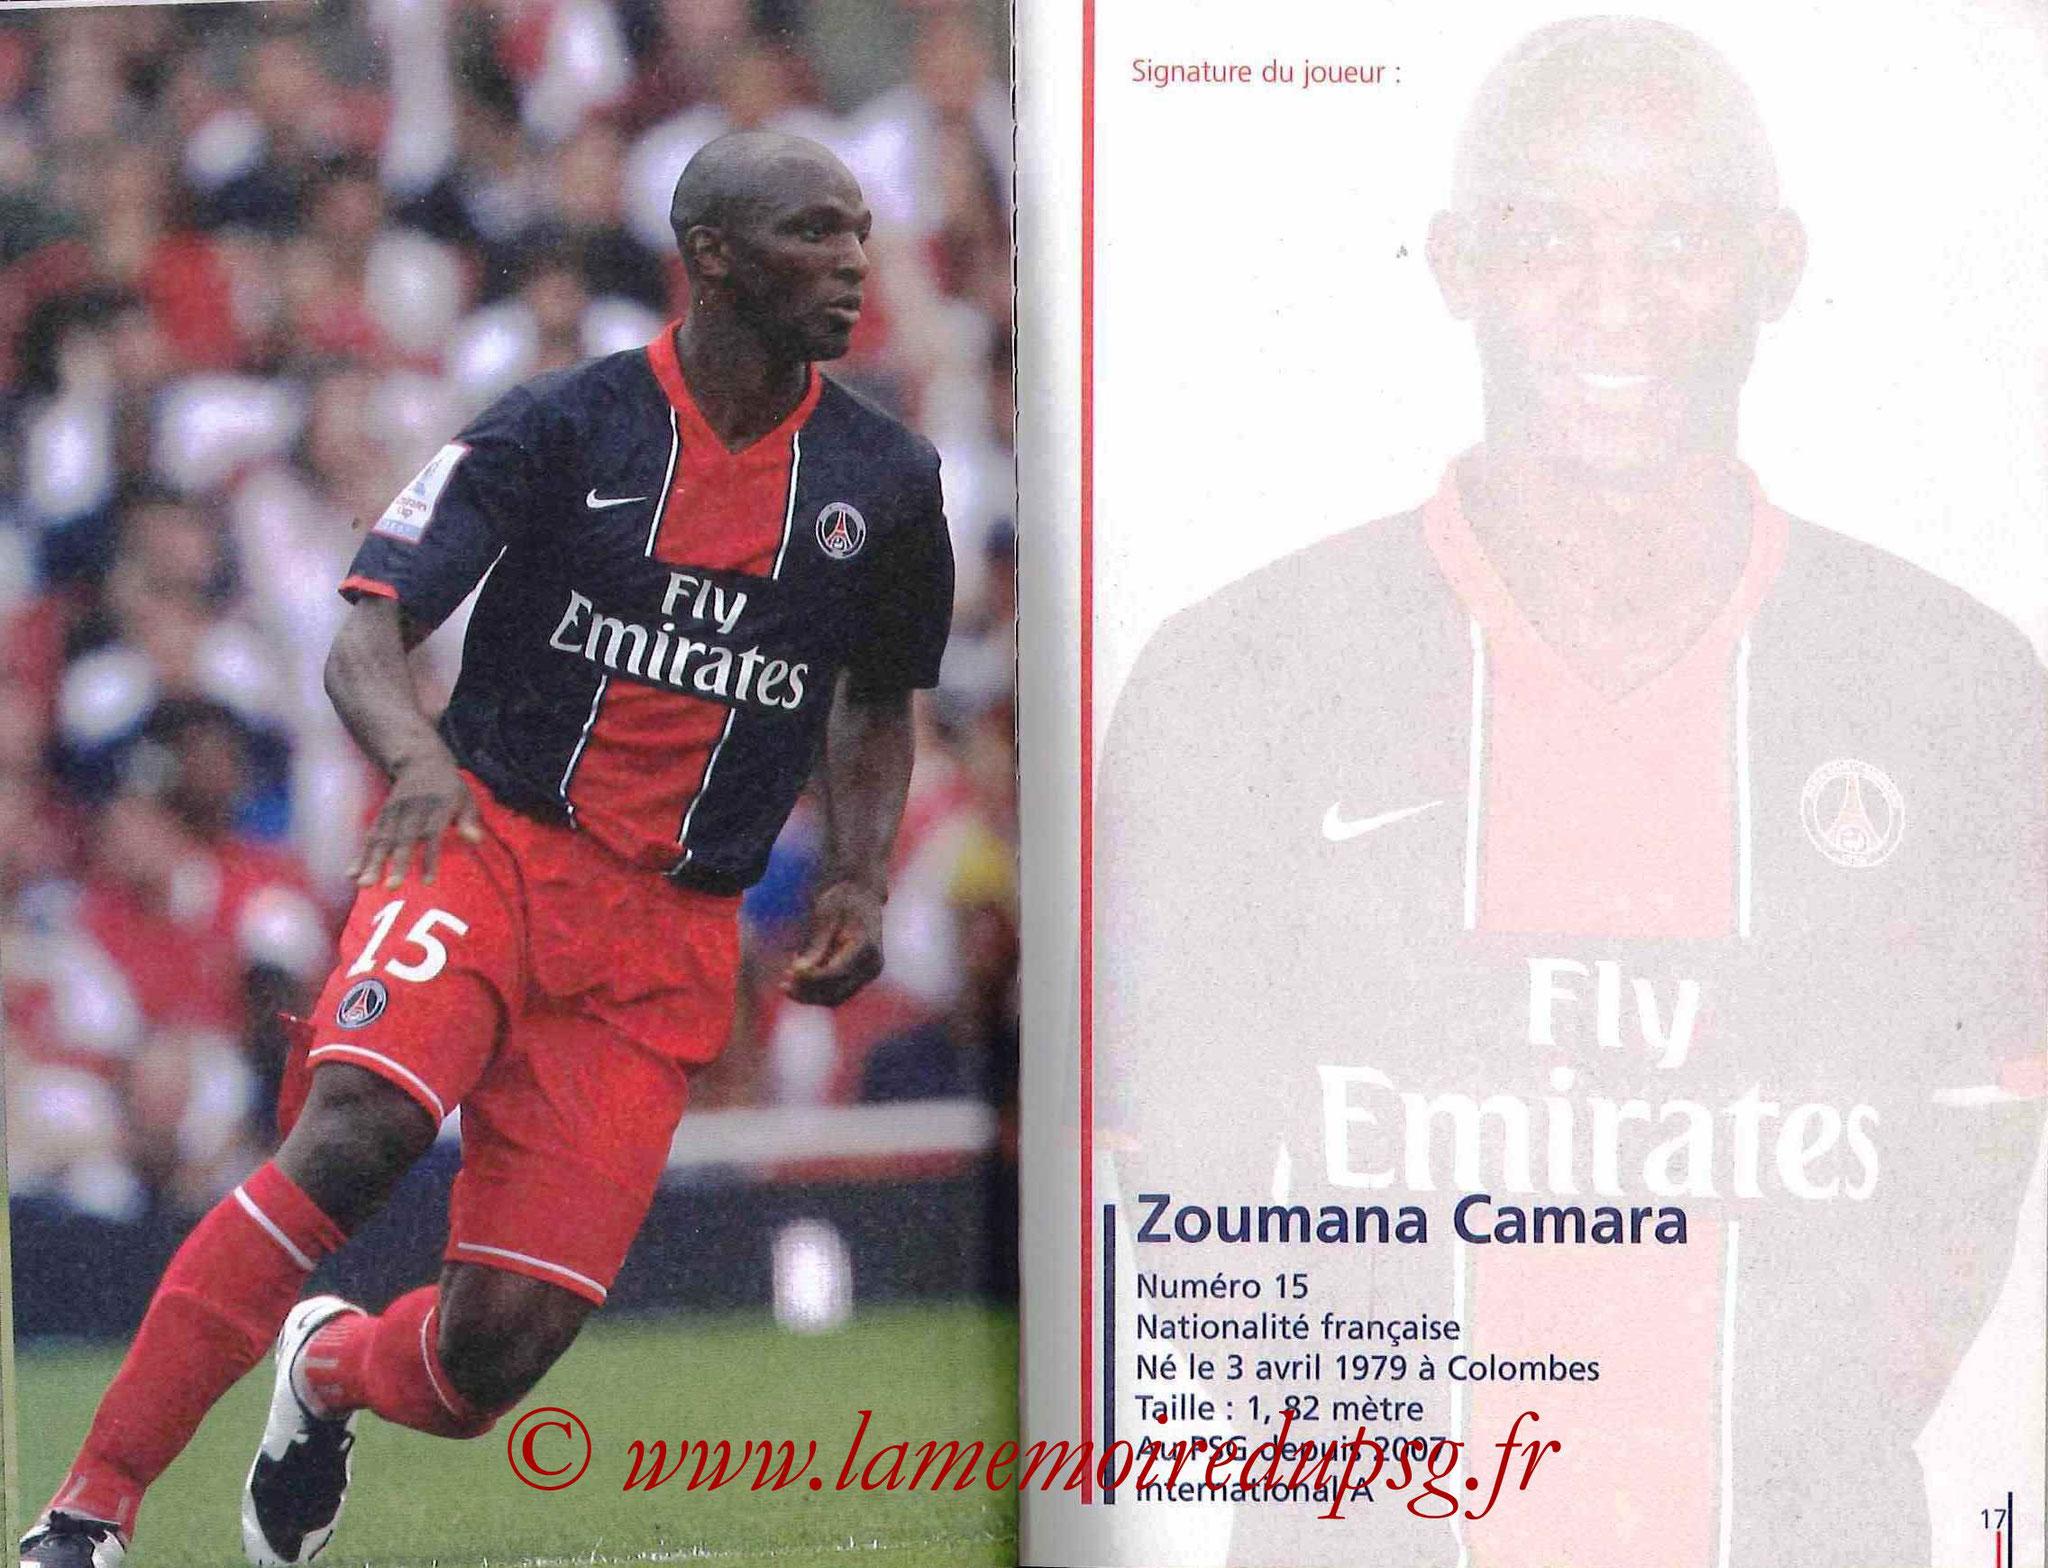 2007-08 - Guide de la Saison PSG - Pages 16 et 17 - Zoumana CAMARA